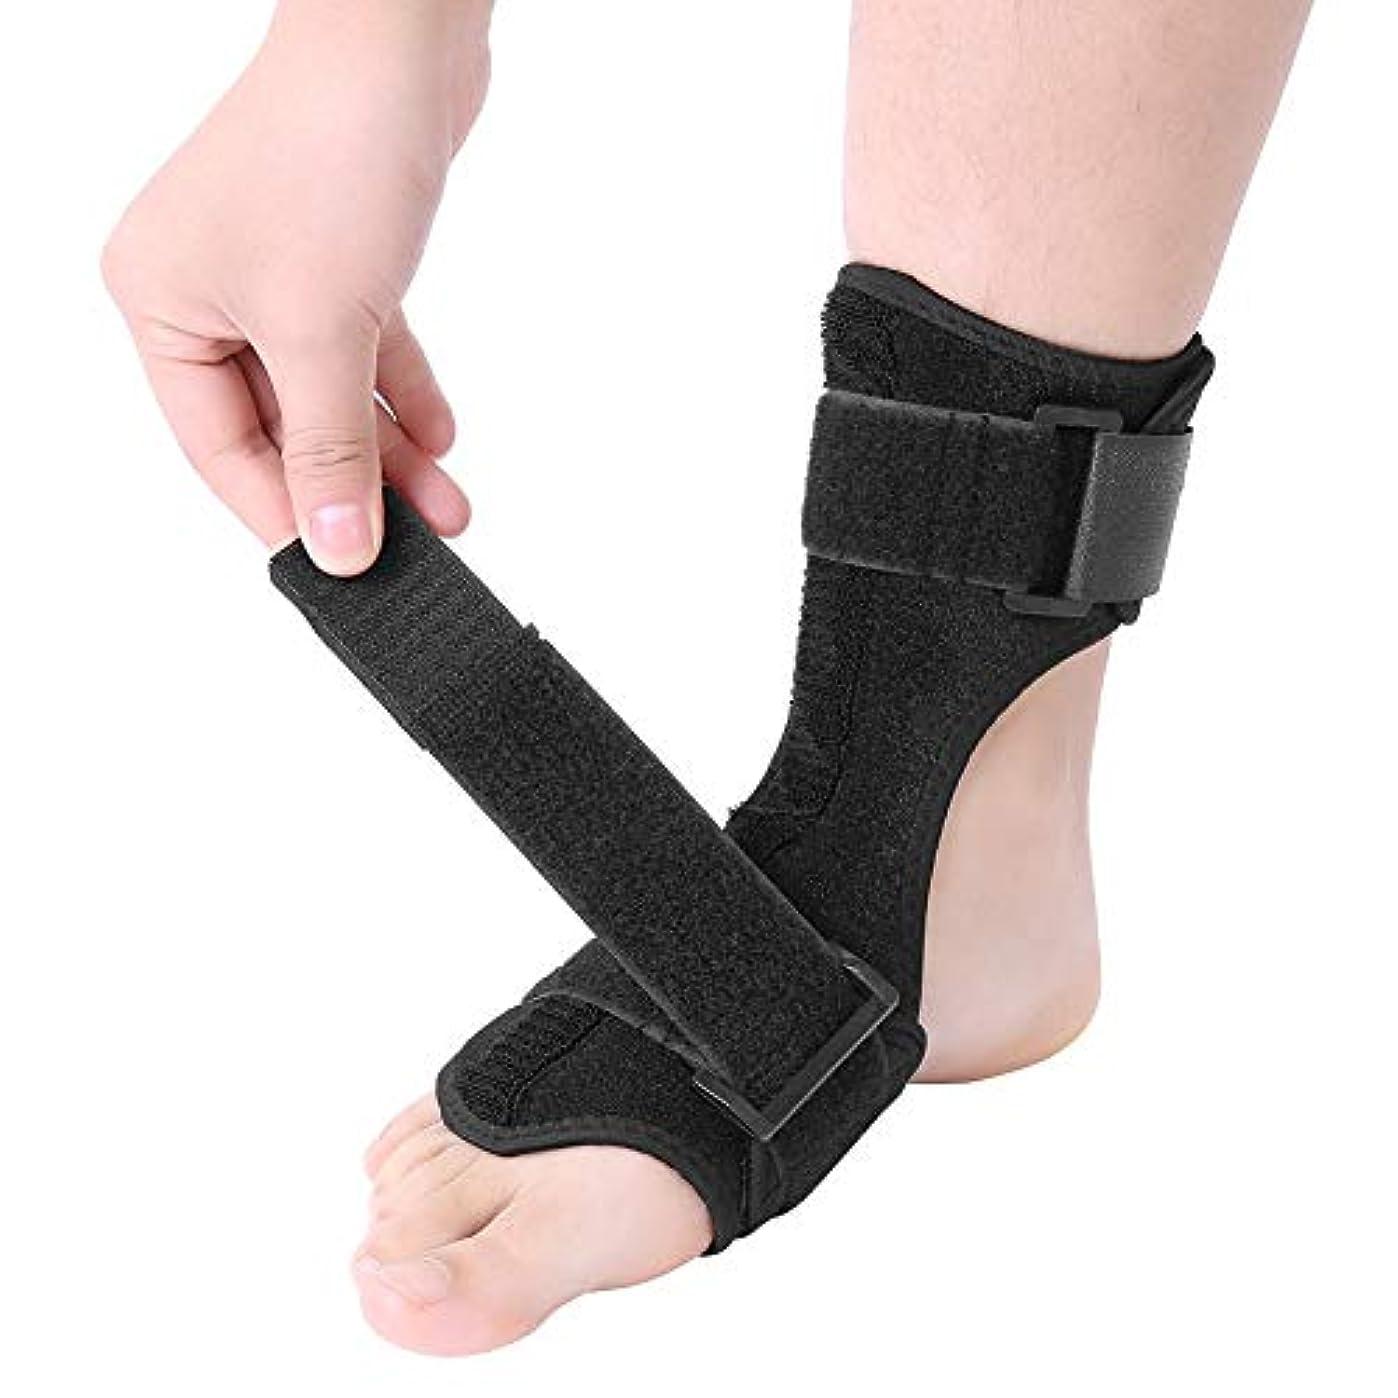 歯科医重量しっかりフットドロップコレクターフットドロップ副木矯正骨折捻挫外傷サポートラップ足首ブレース